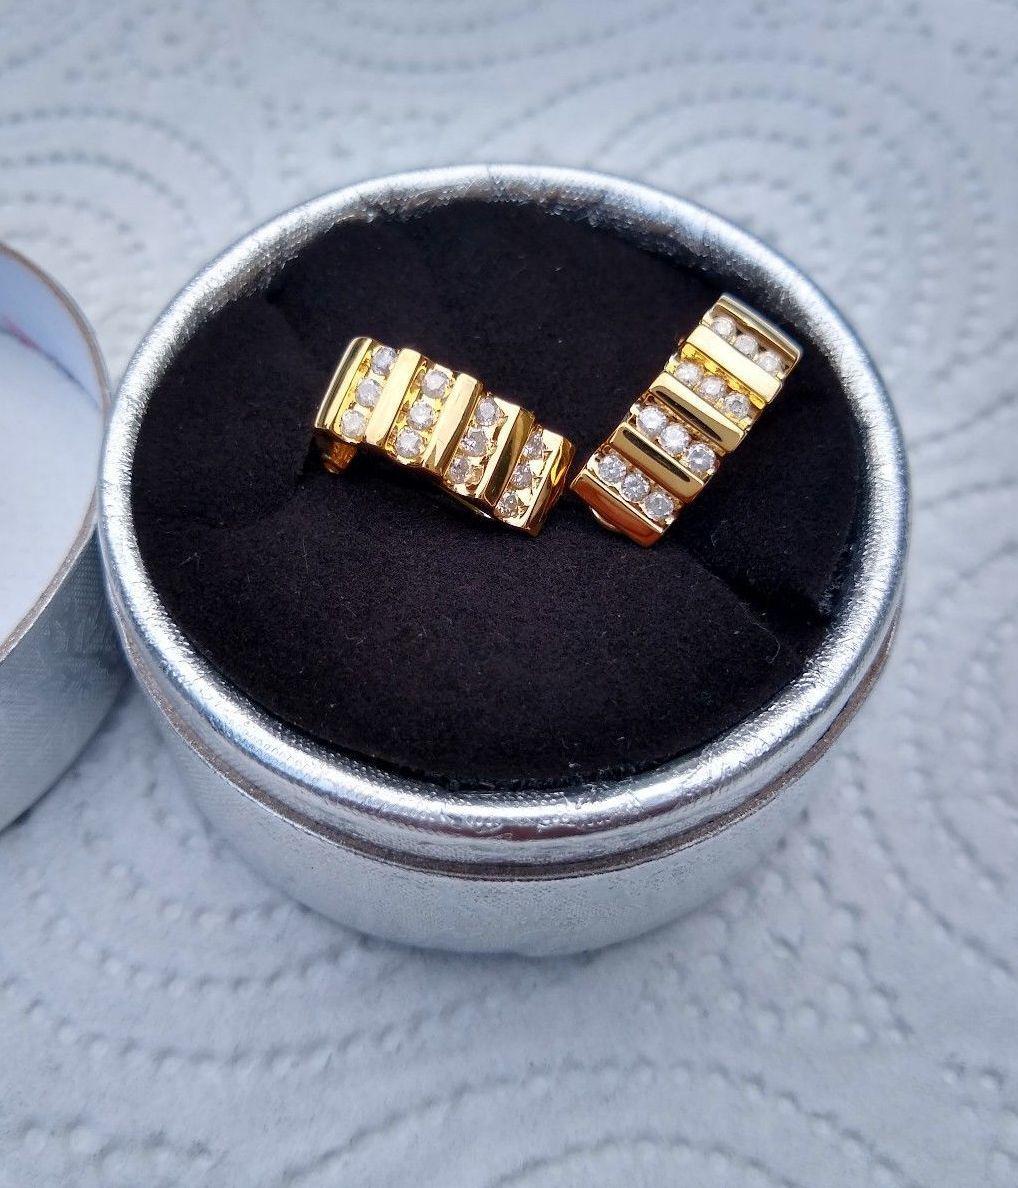 Золотые серьги б/у с бриллиантами 0.5 карата  .Проба 14К